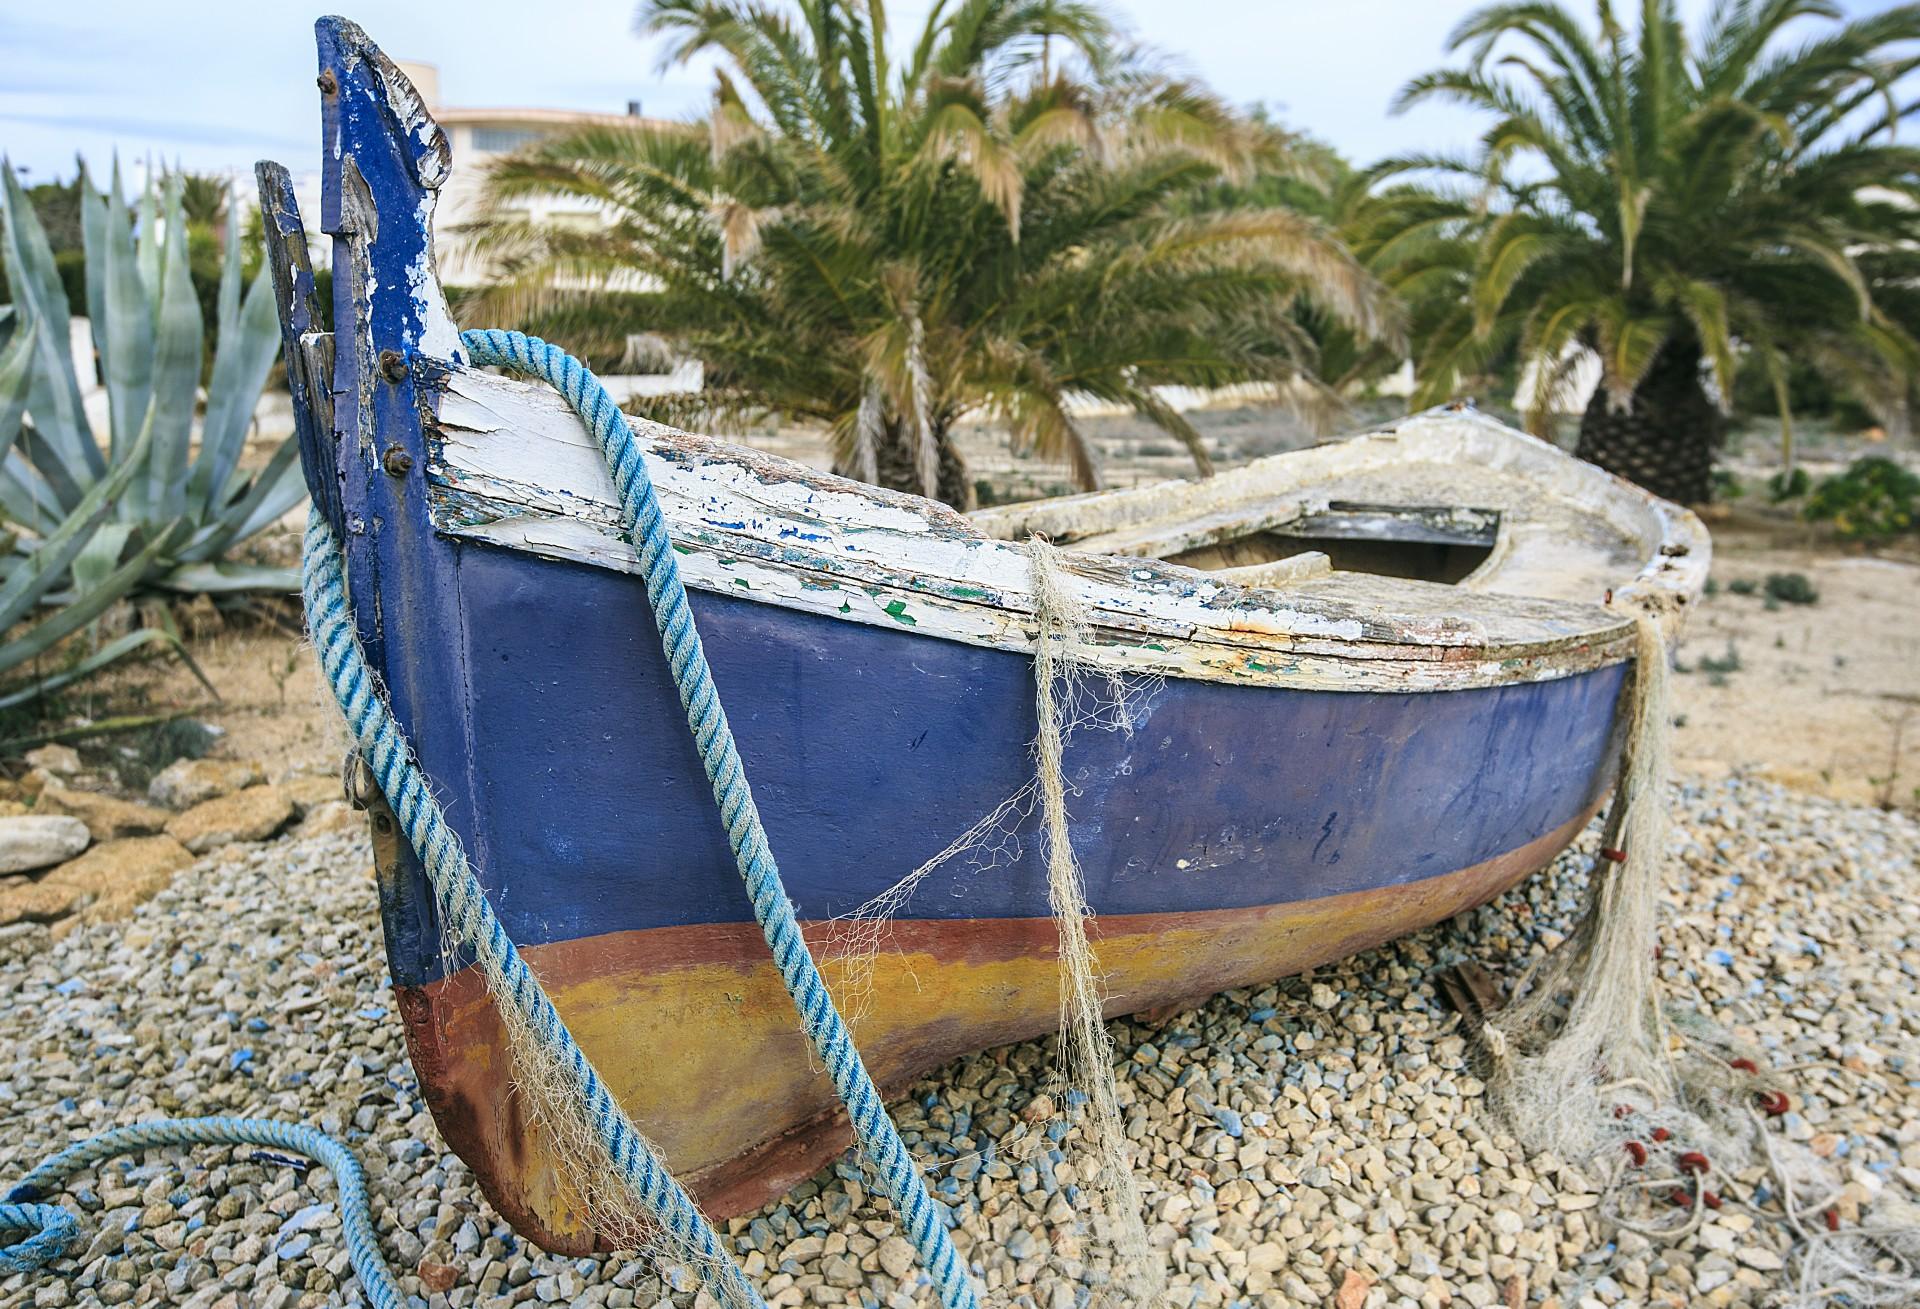 Paulilles-visite-le-dauphin-camping-argeles-08-1024x698